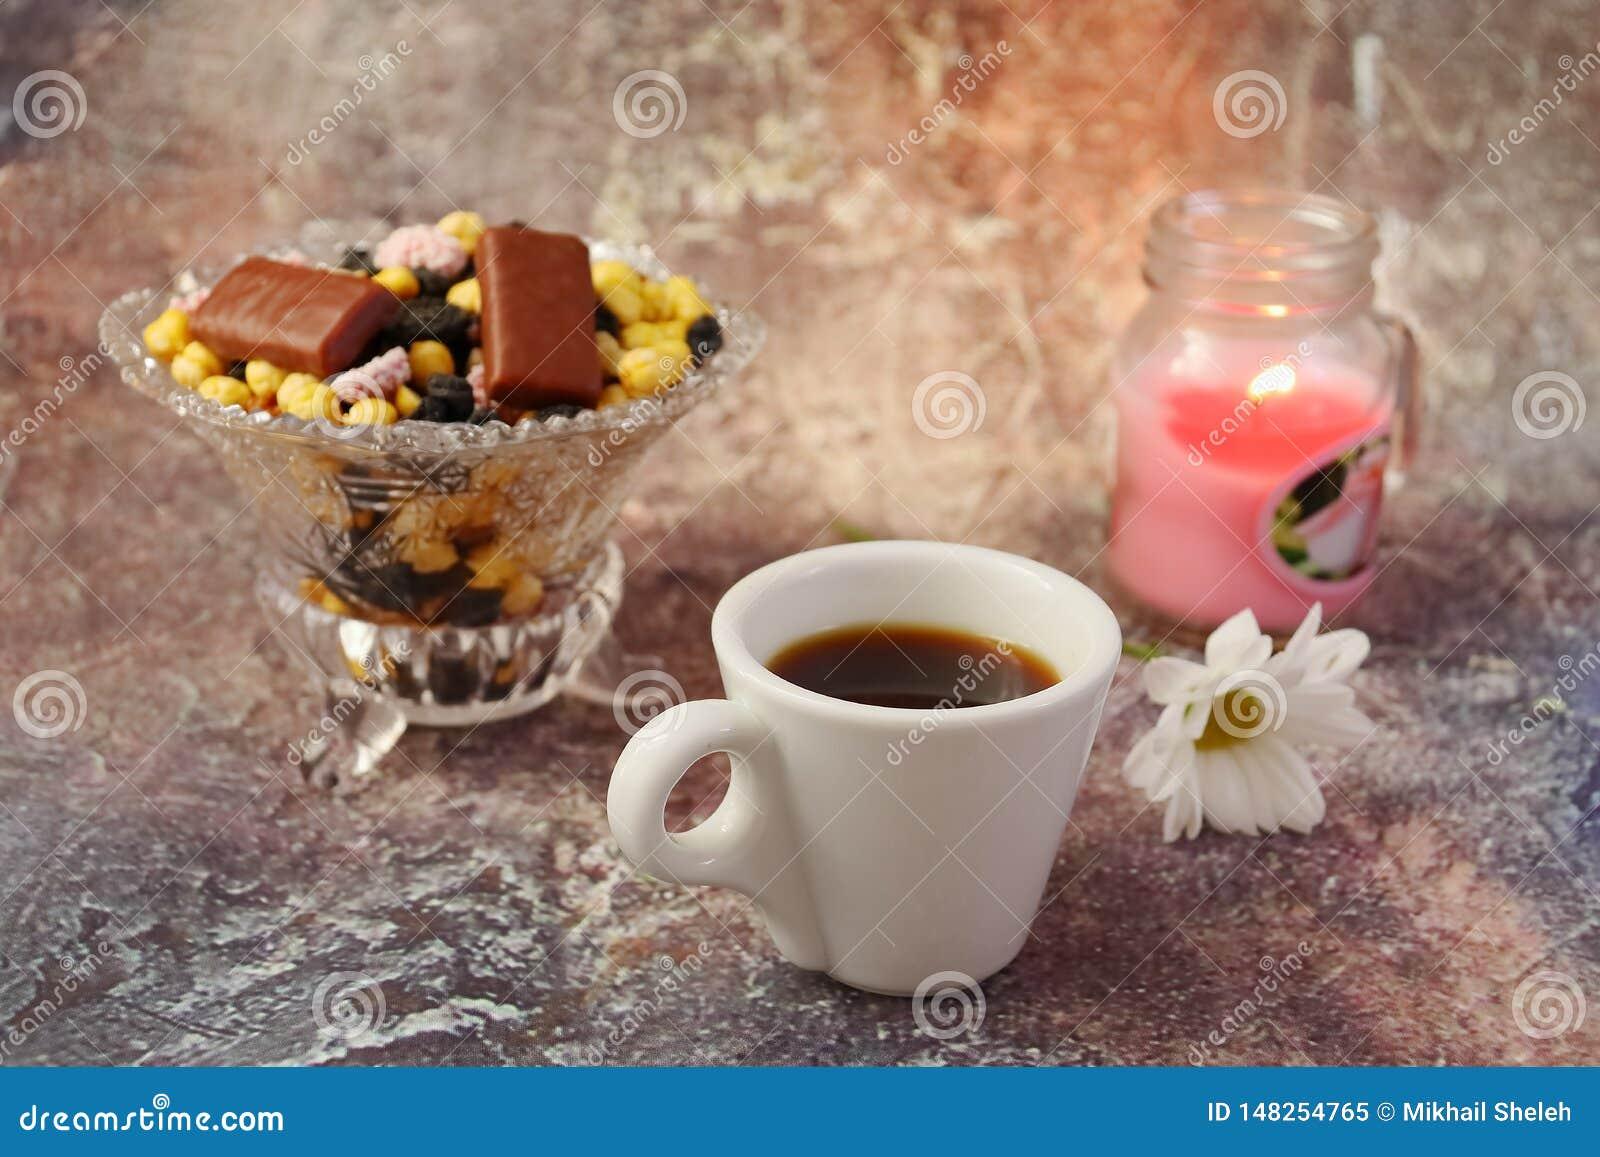 Morgenkaffee in Eile: ein Tasse Kaffee, Blumen in einem Vase, Trockenfr?chte und Bonbons in einem Vase, eine brennende Kerze